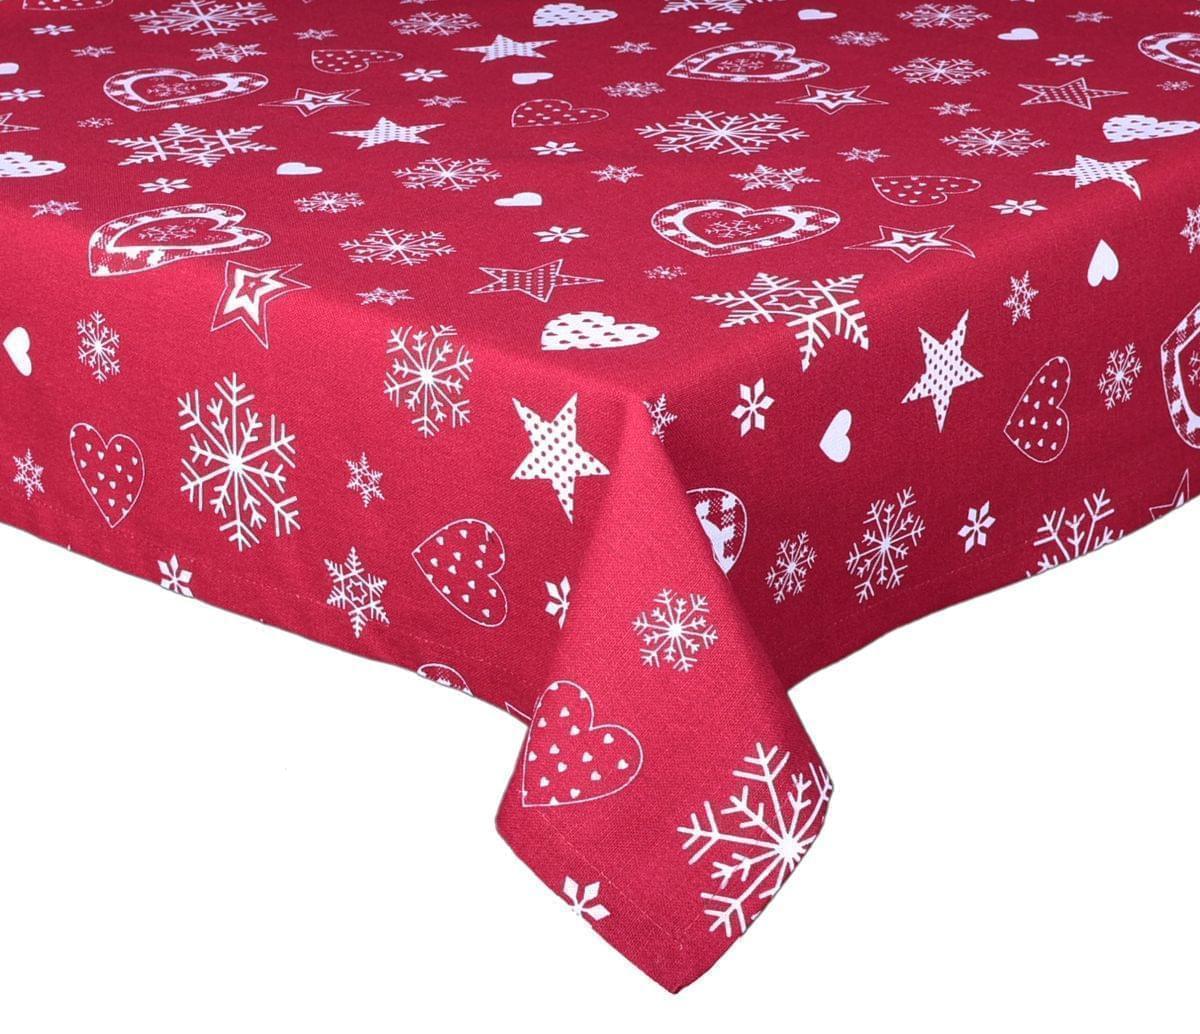 Forbyt, Ubrus bavlněný, Vánoční srdce, červený 120 x 140cm